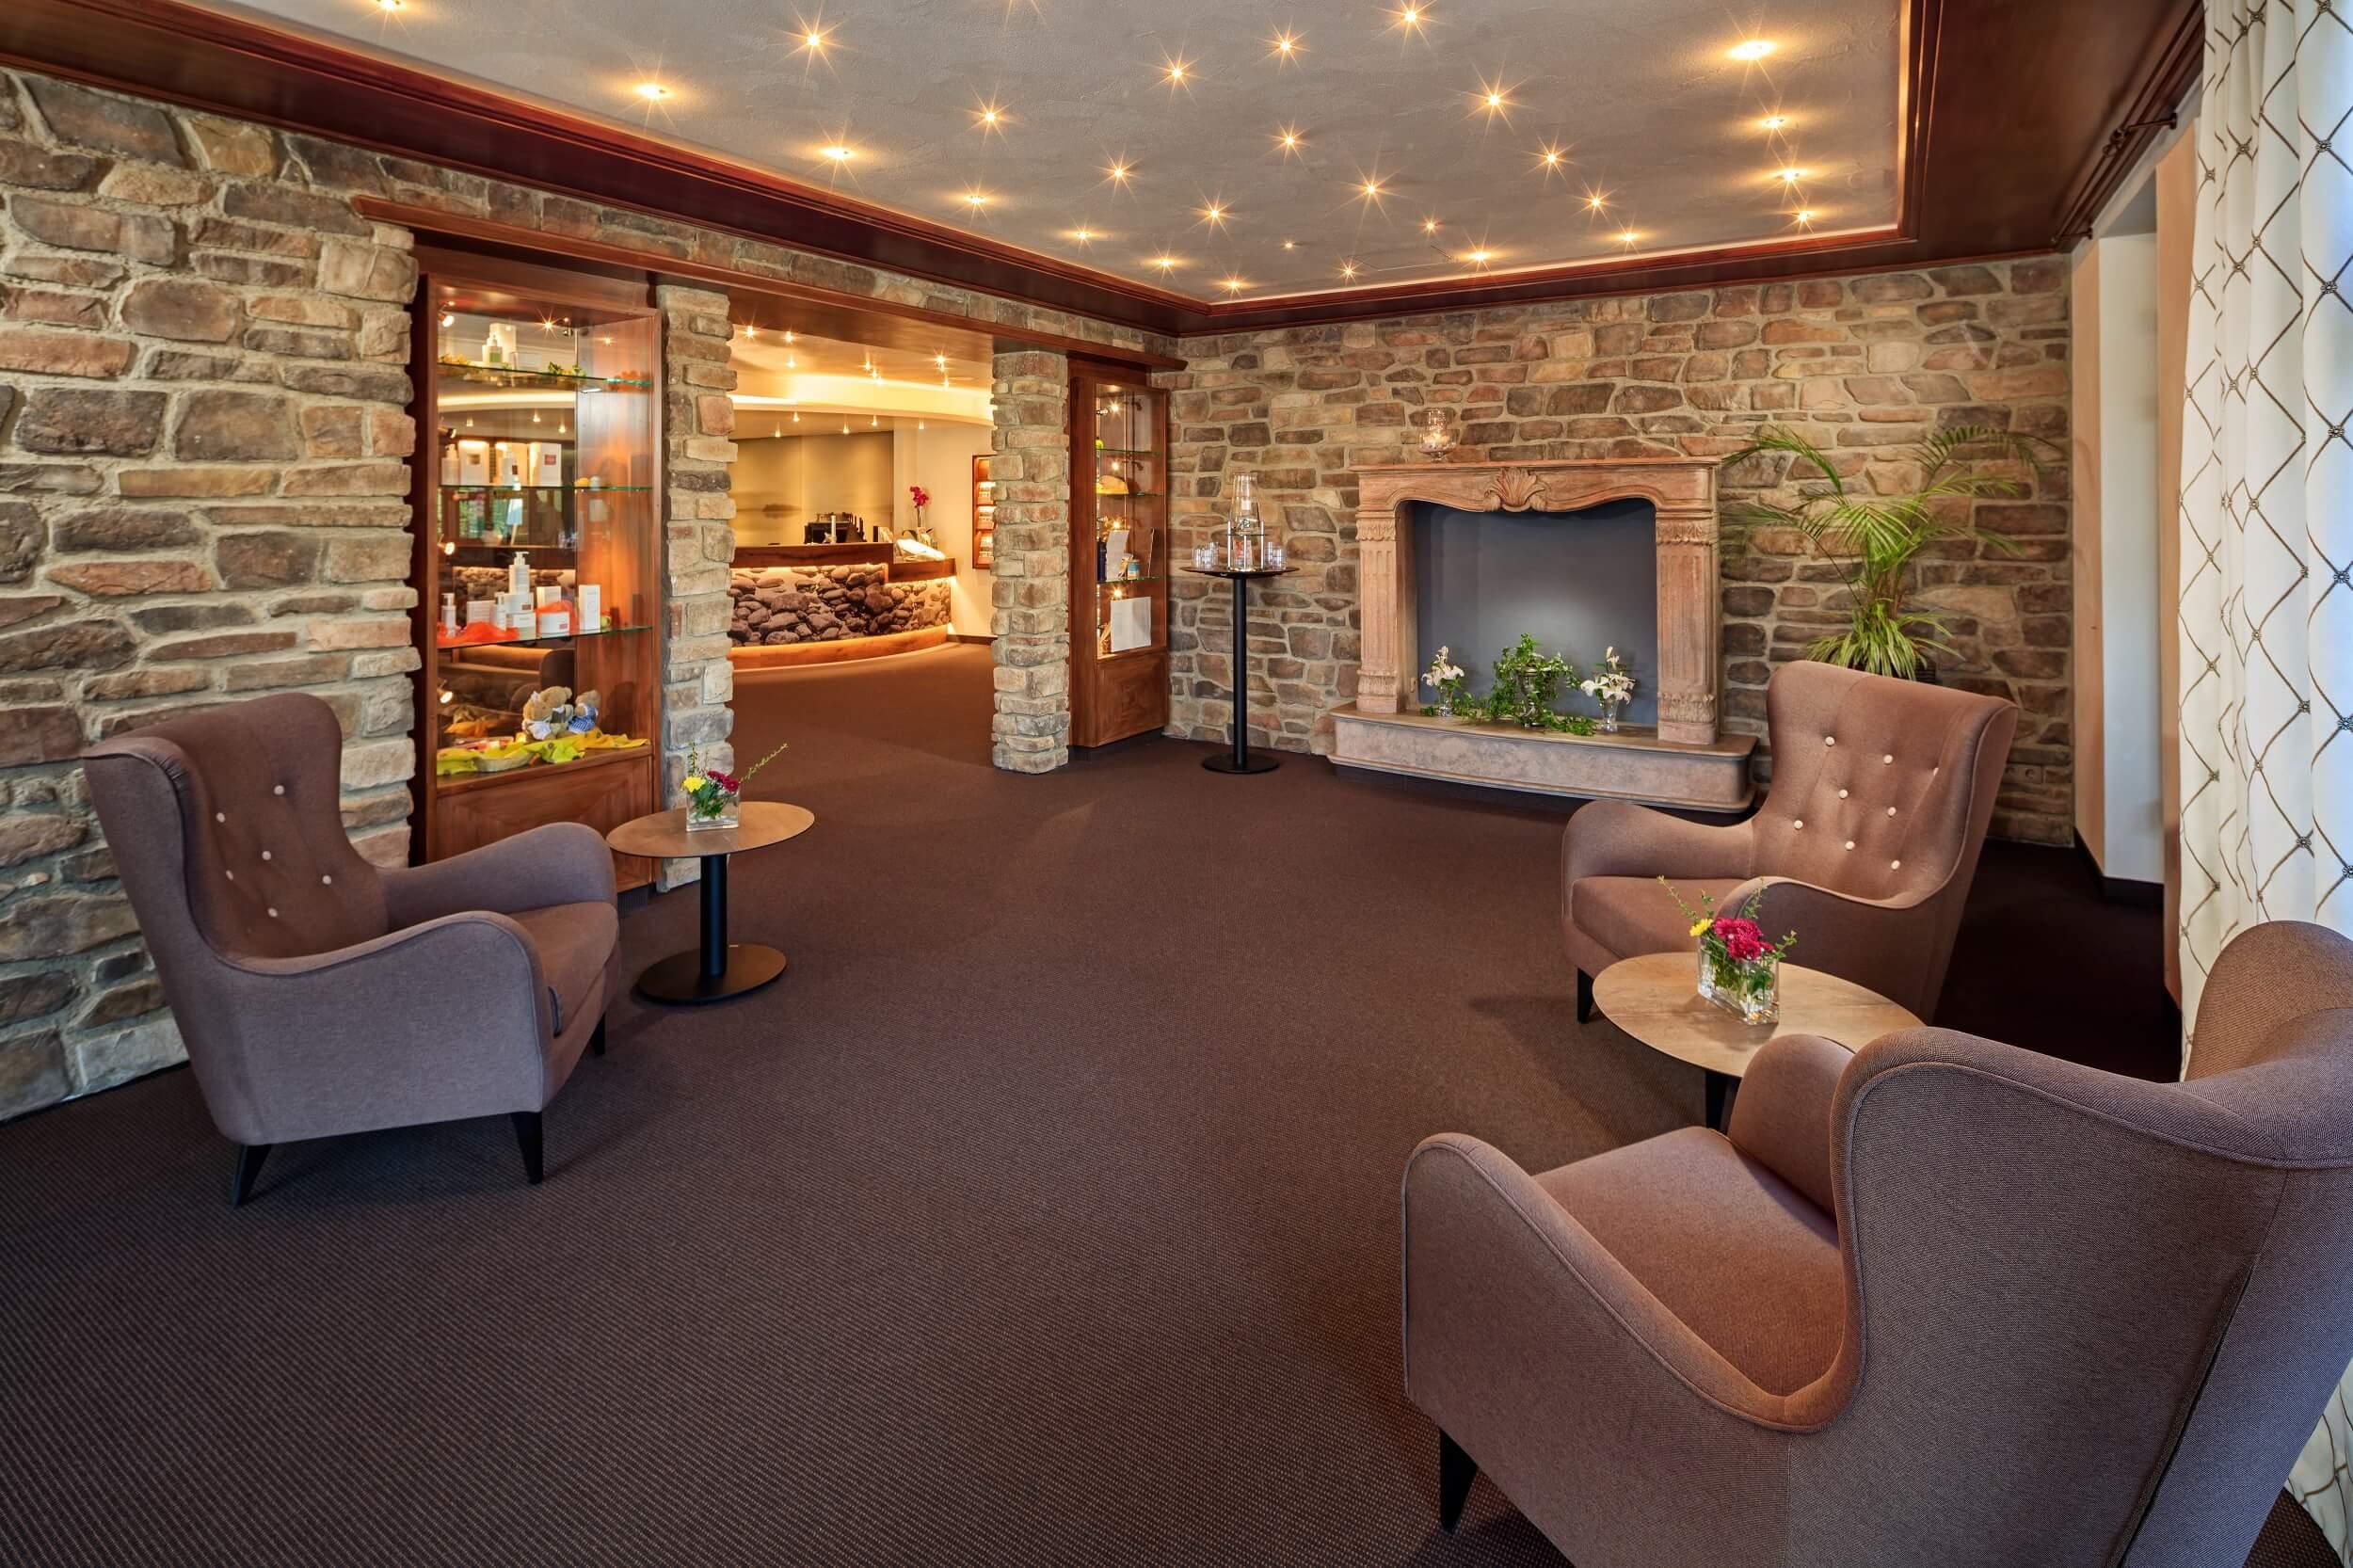 Urlaub- und Wellness-Hotel Sommer Füssen Lobby